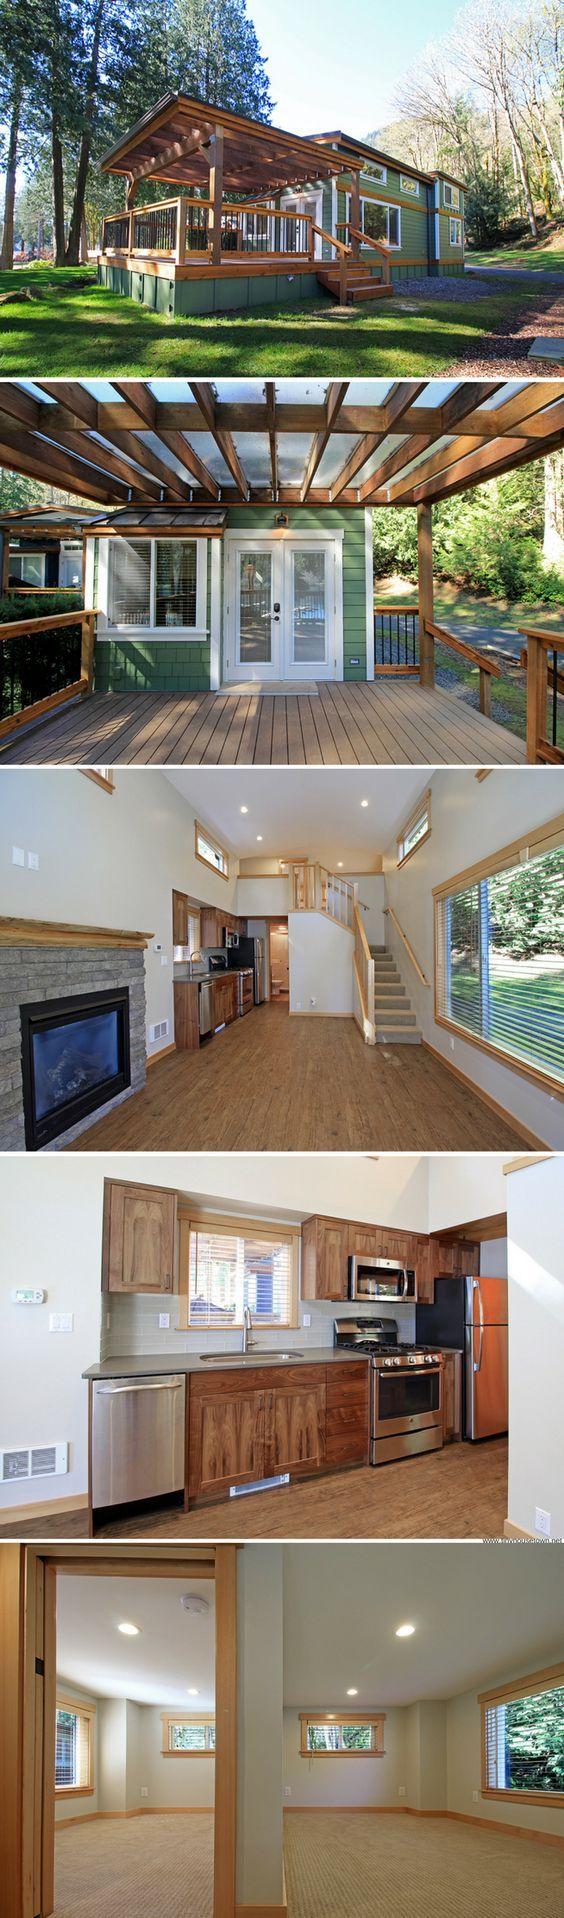 Build park model home